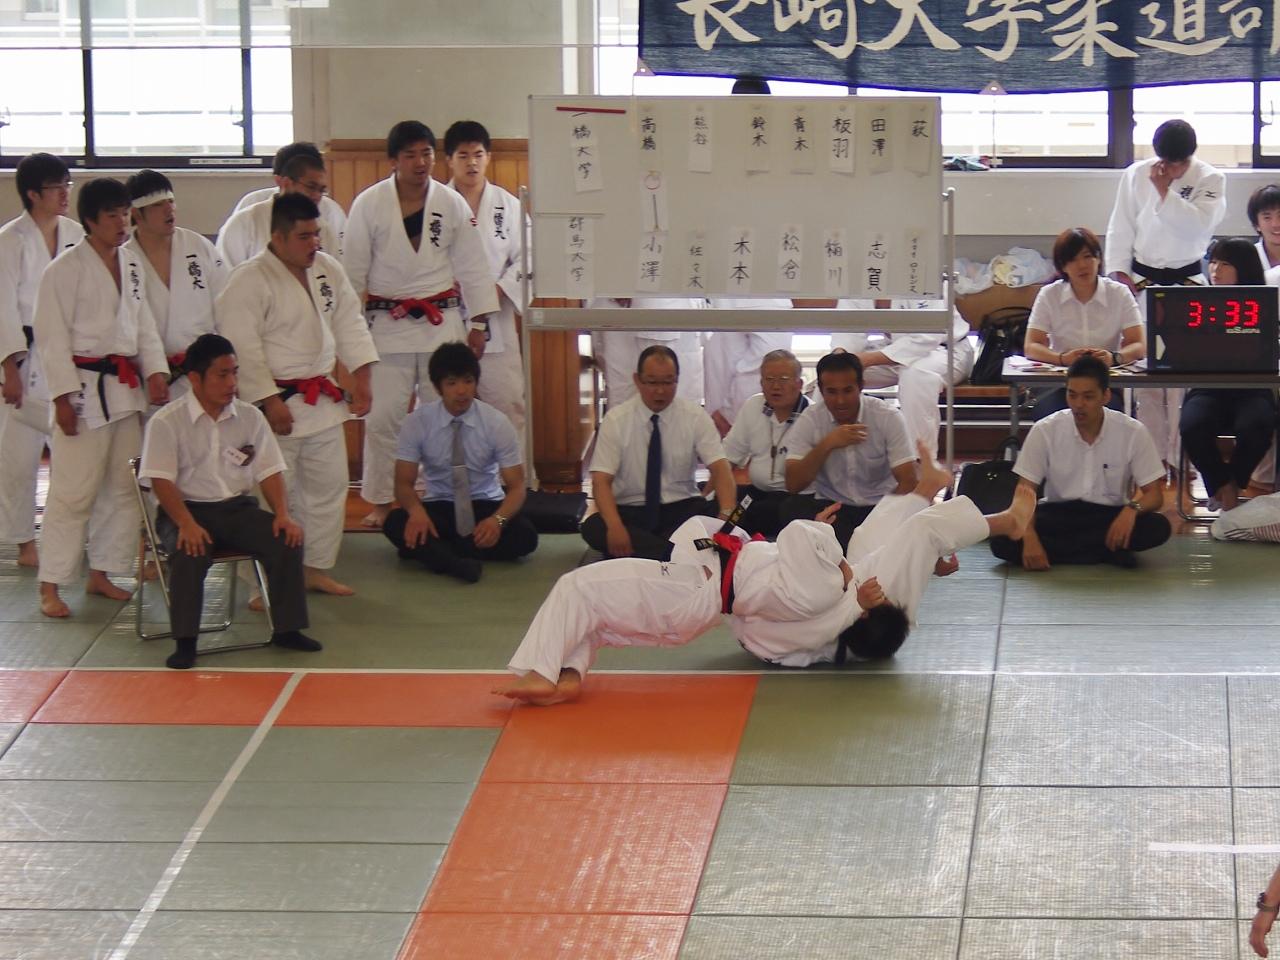 140706全国国立 (4)vs群馬~熊谷・見事な袖釣込腰.jpg